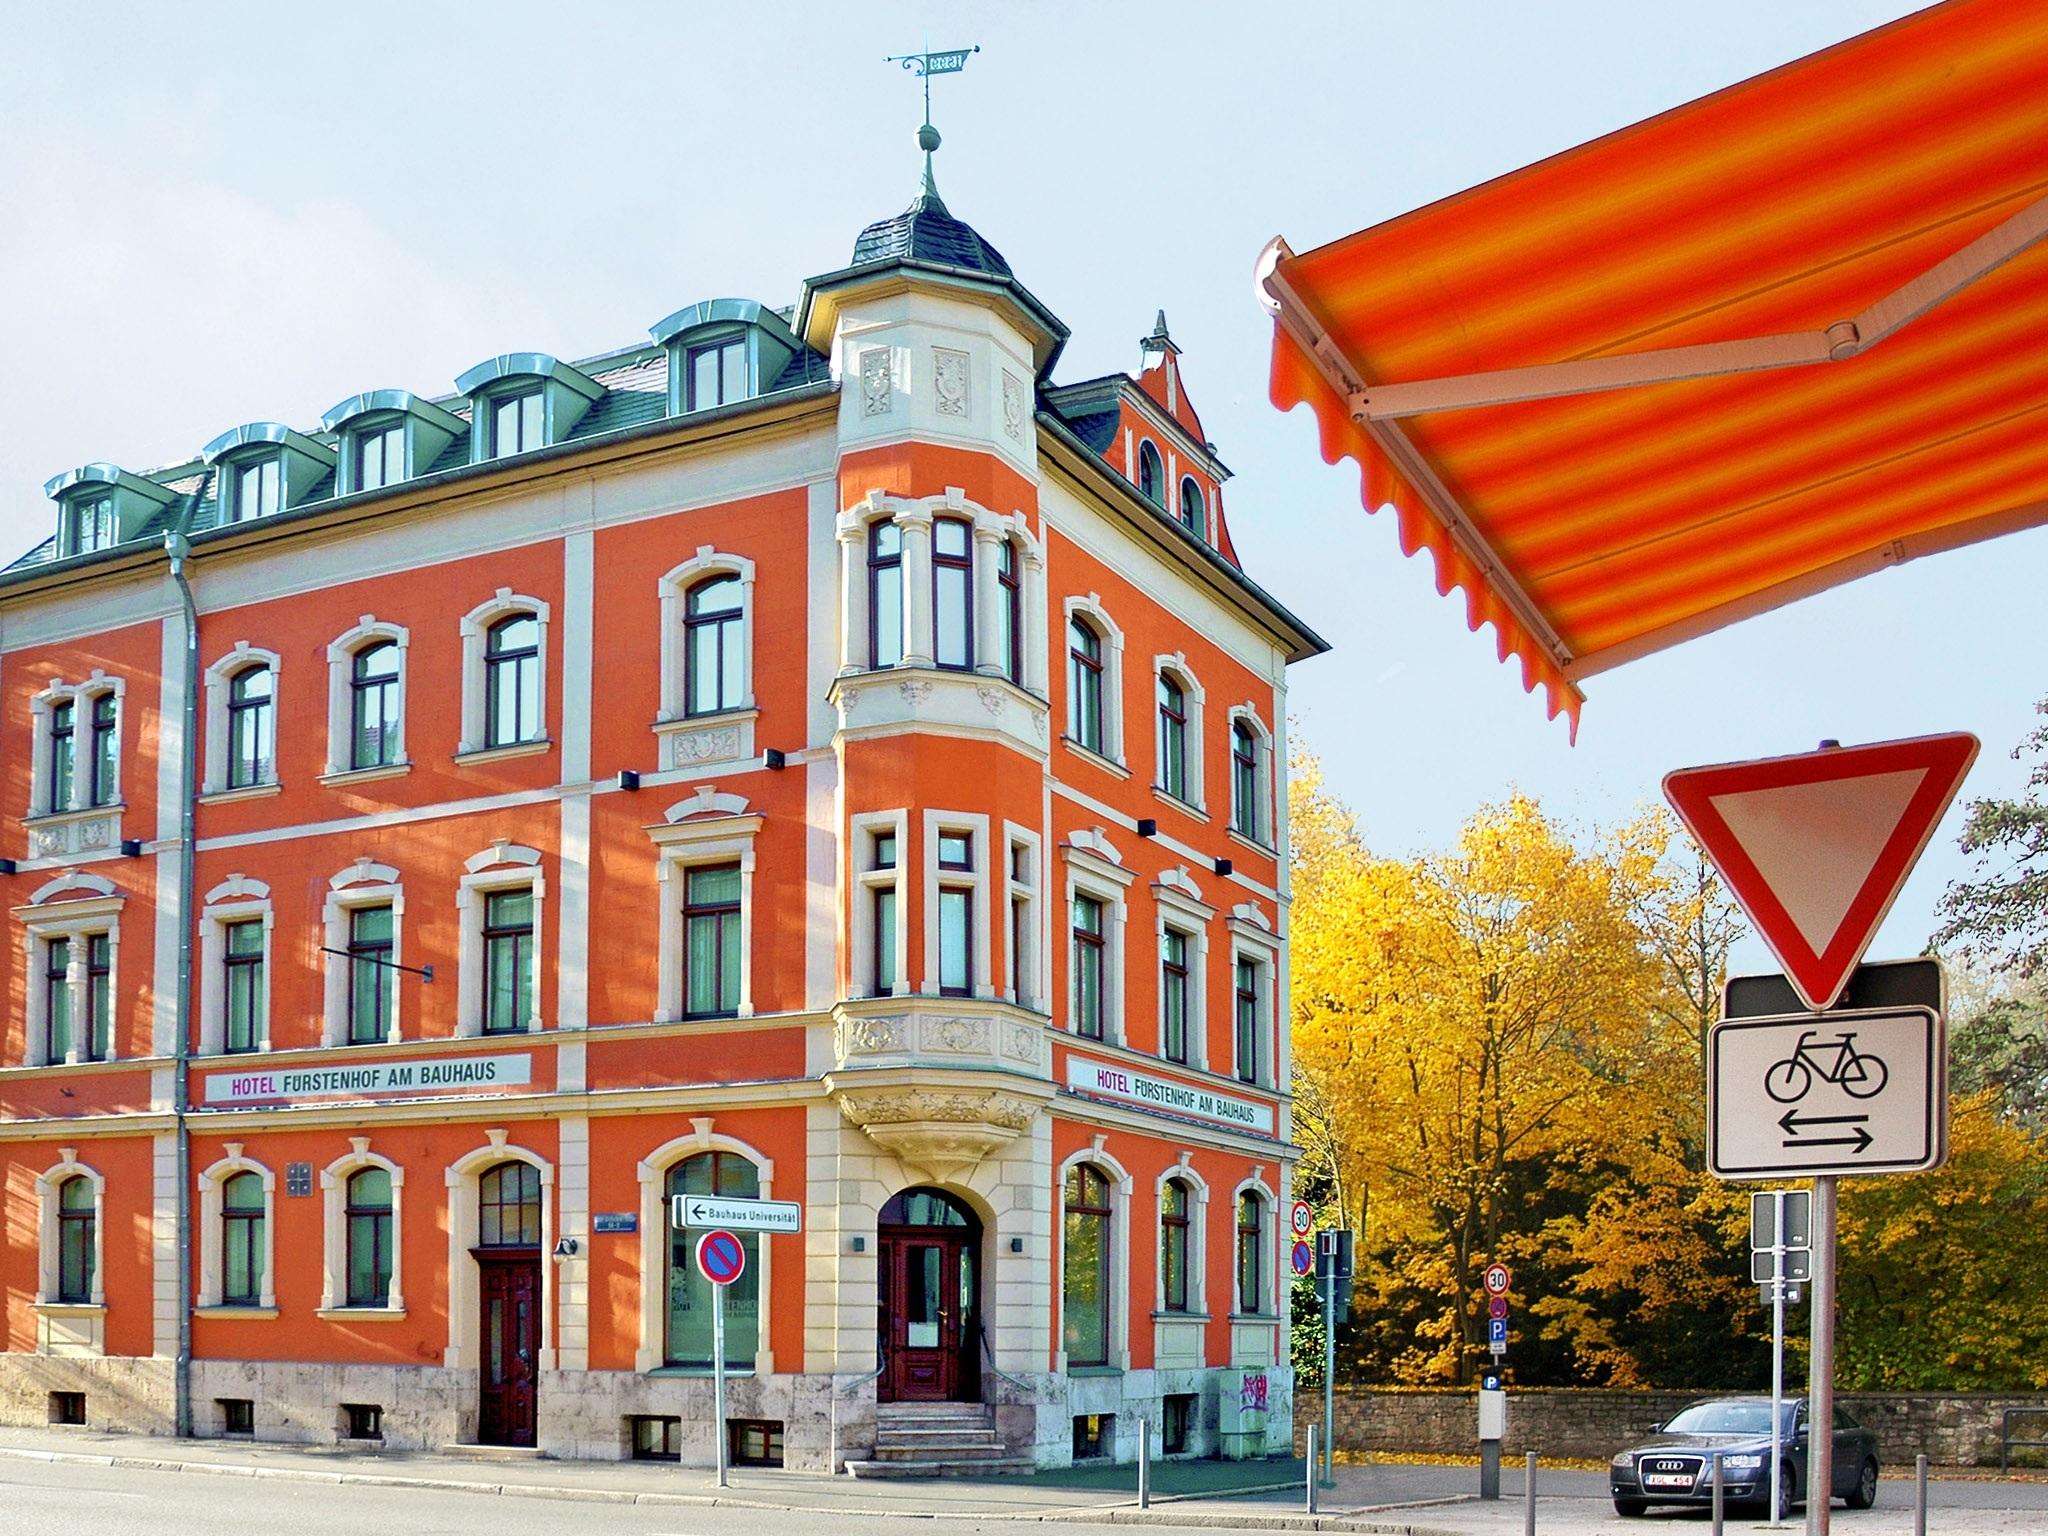 Auto Kühlschrank Bauhaus : Hotel fürstenhof am bauhaus in weimar u hotel de